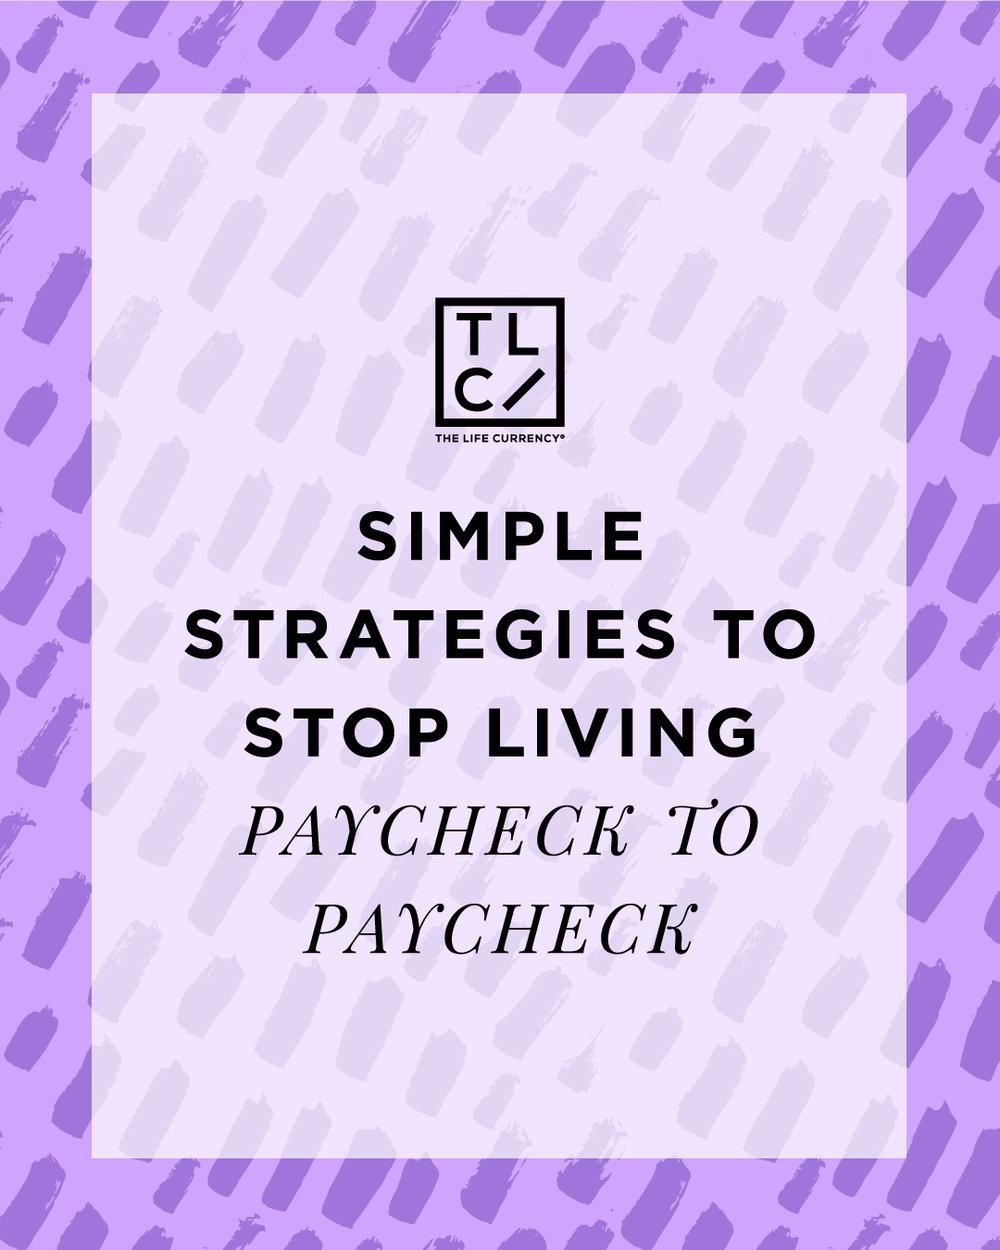 paycheck-to-paycheck_PIN.jpg